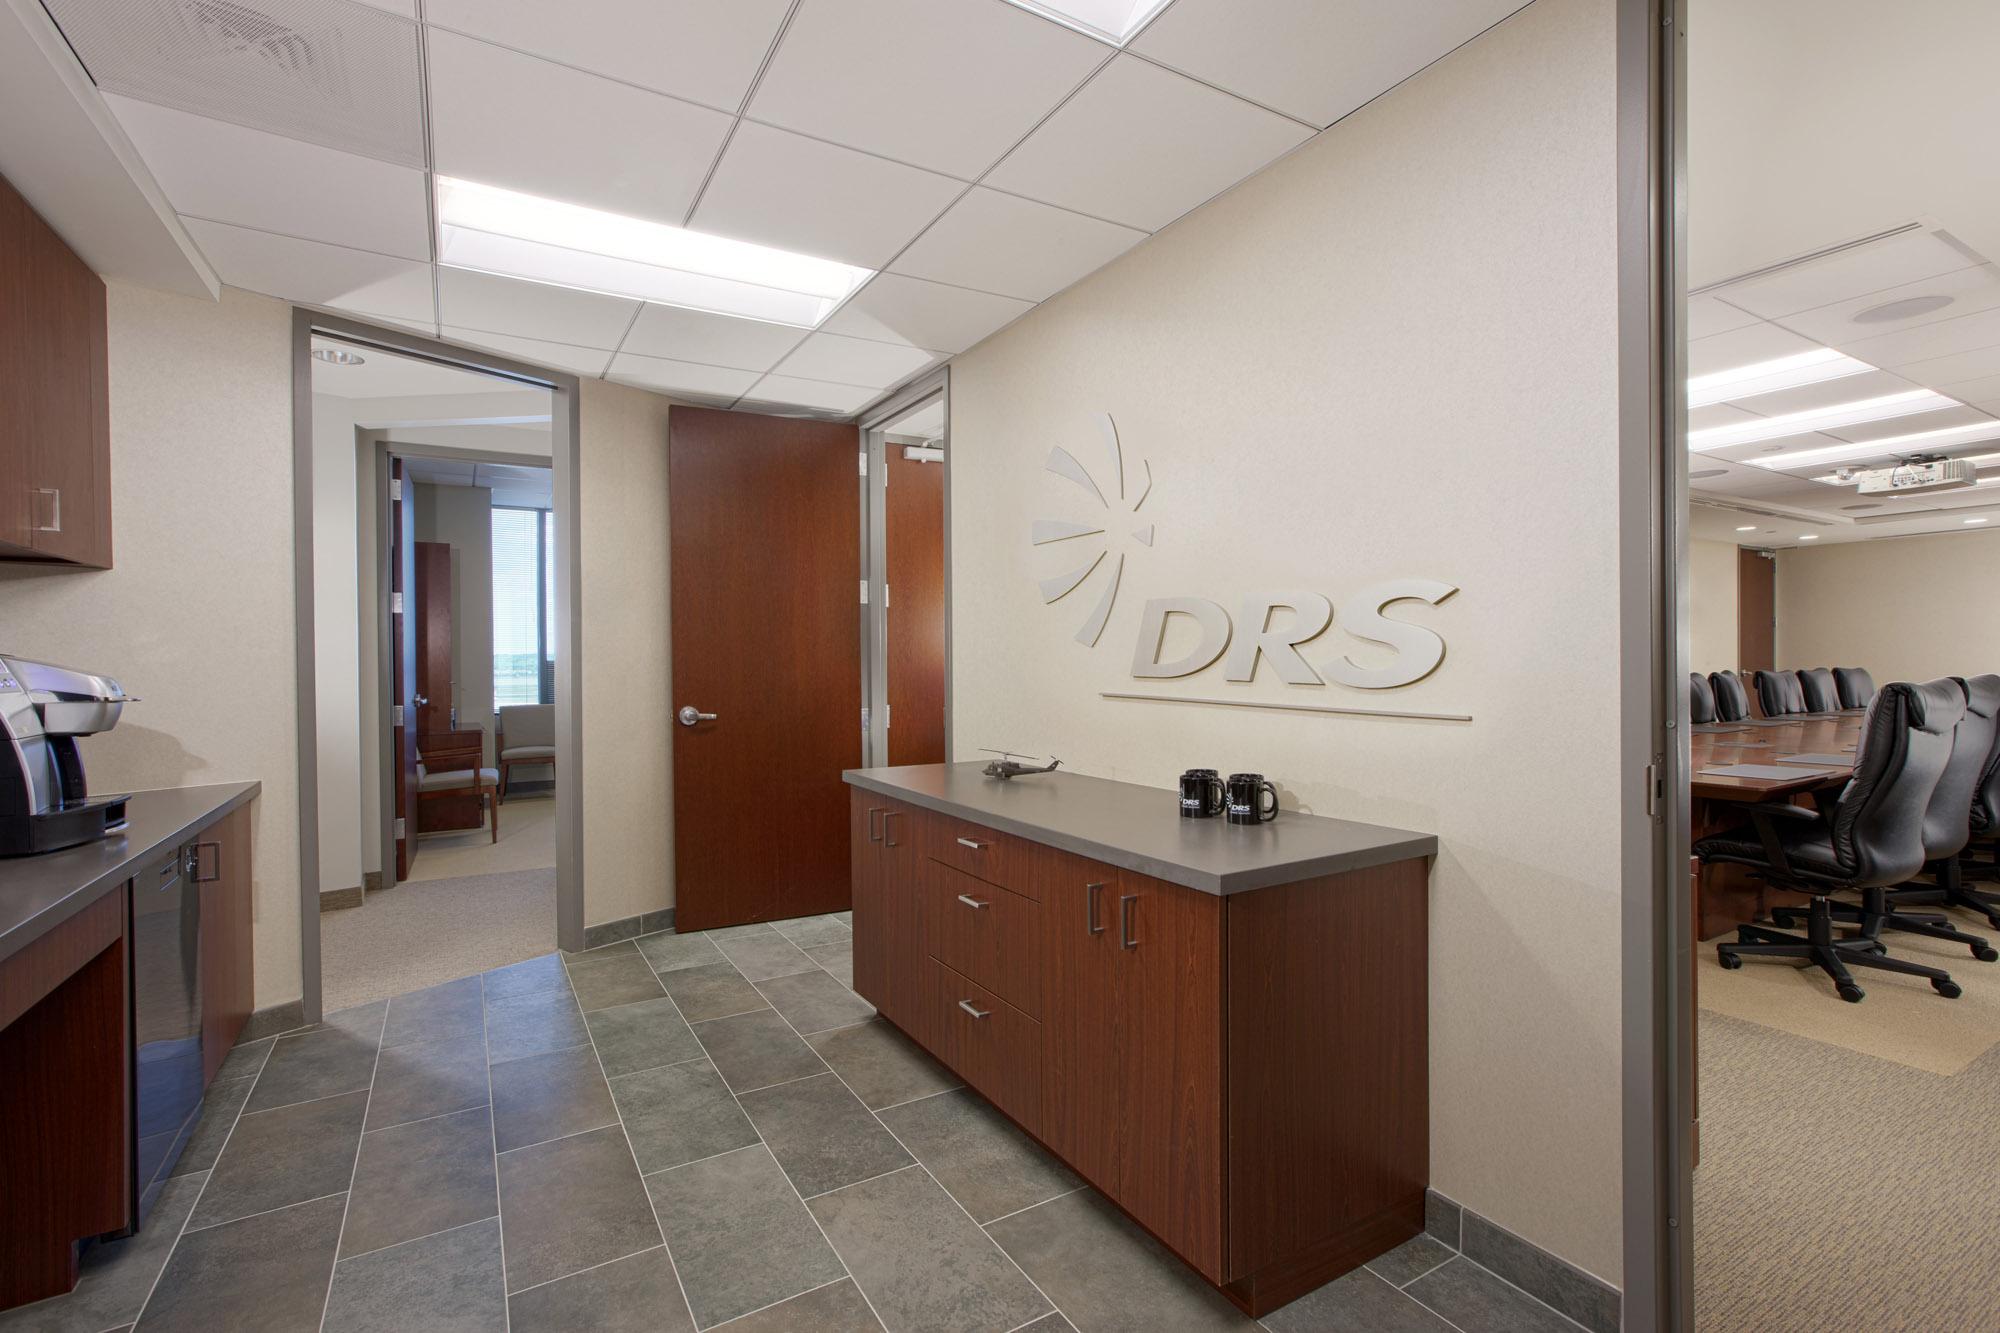 DRS VA Office Interior Image R121441.jpg